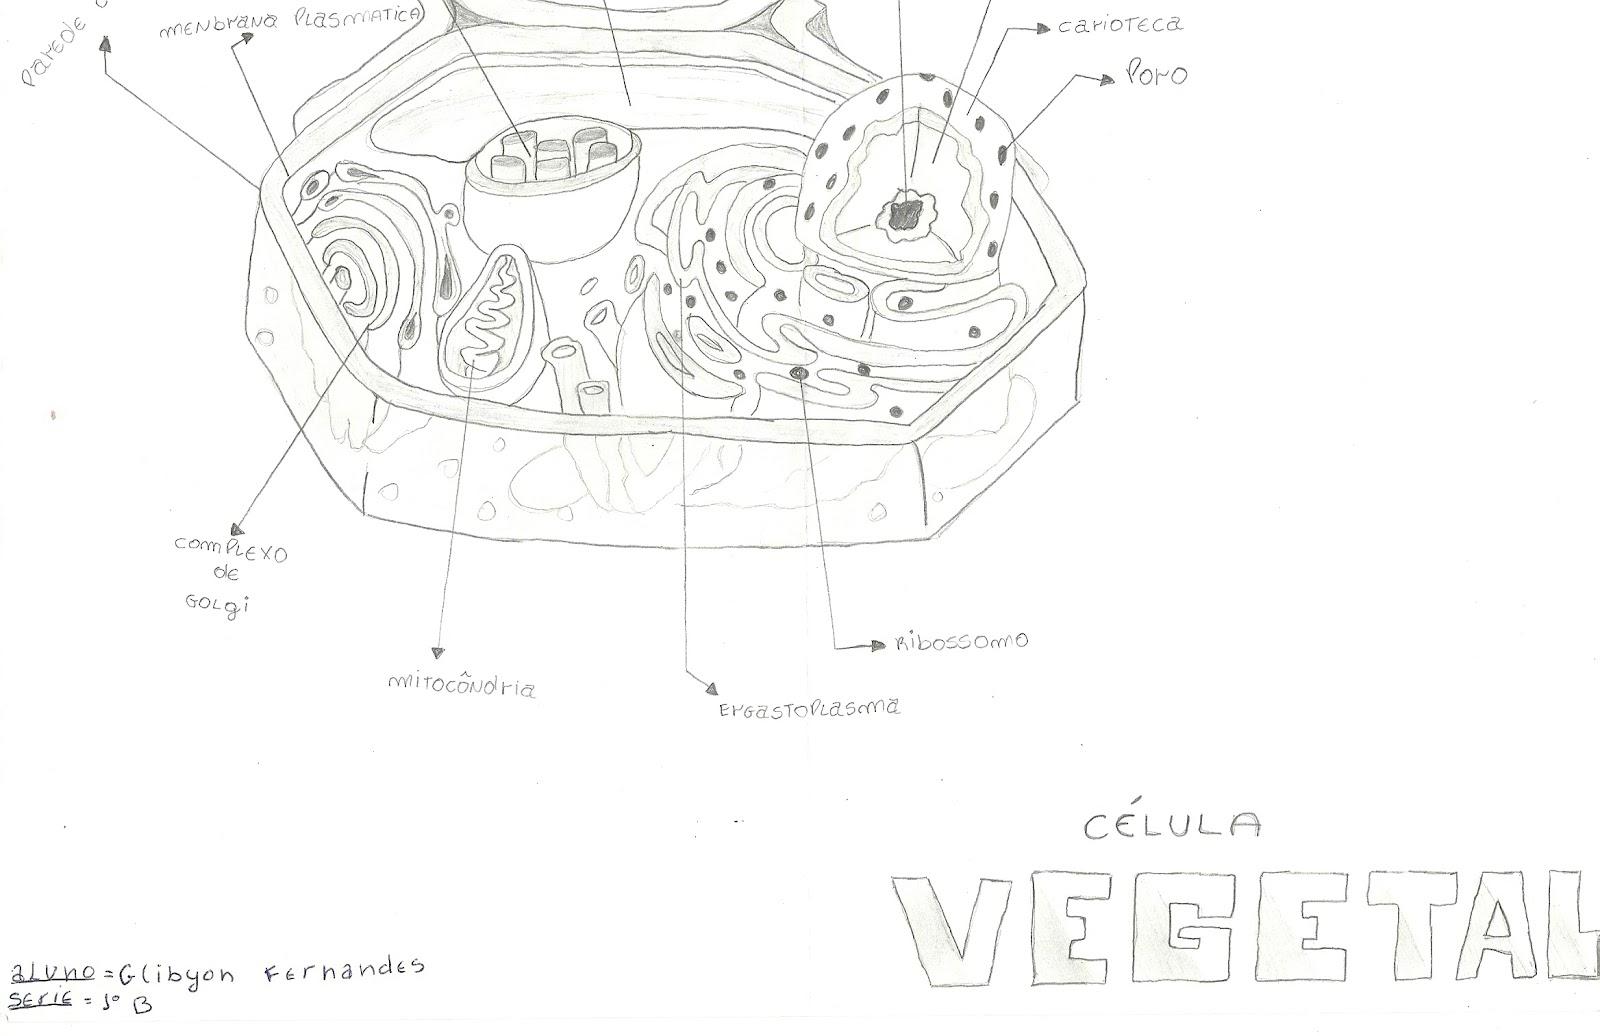 Rosabio Desenhos De Celulas Animal E Vegetal